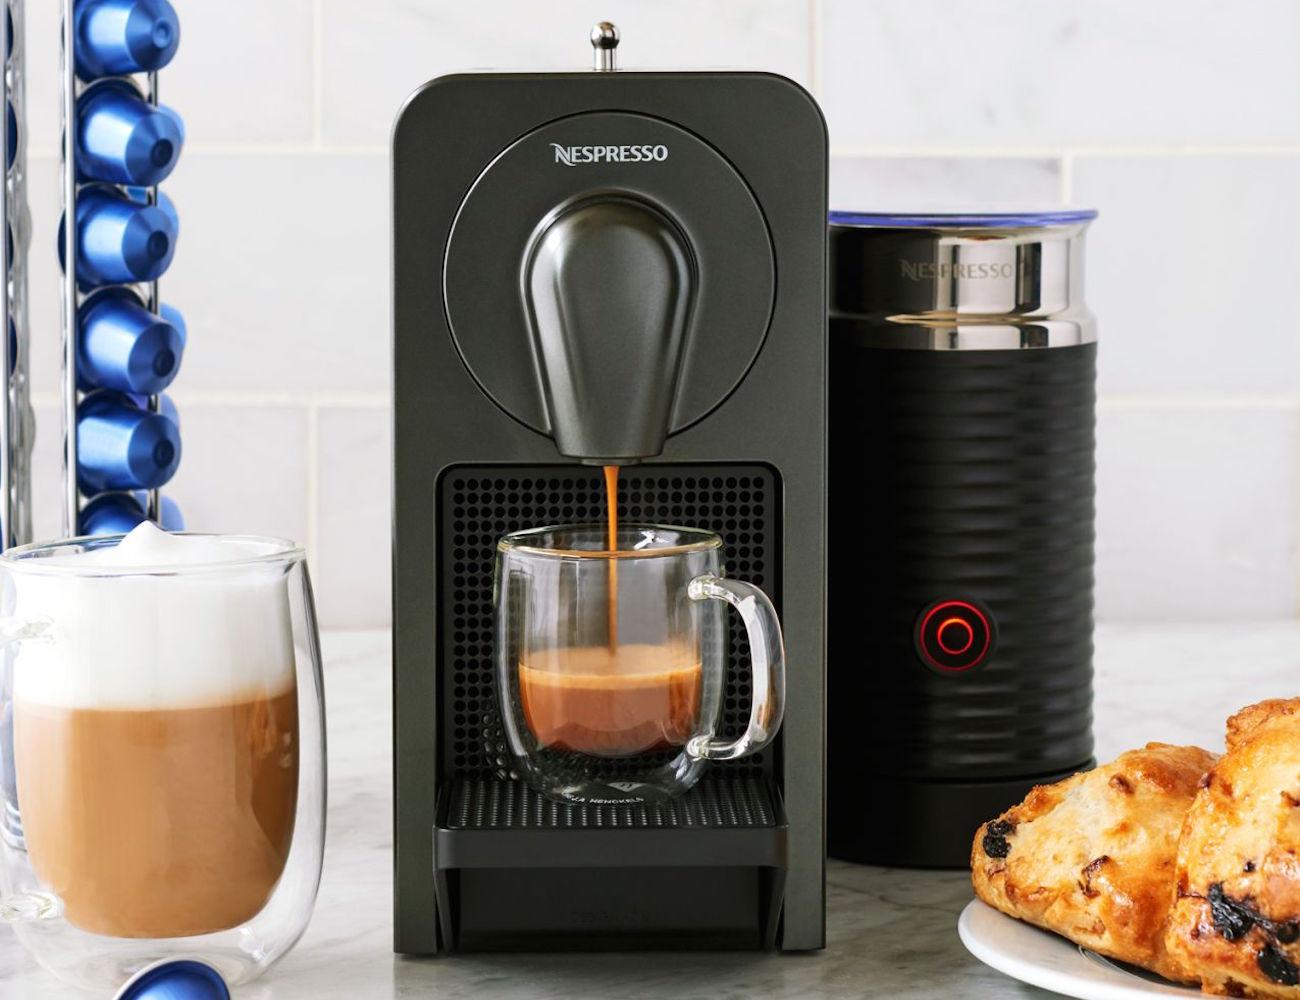 Nespresso Prodigio Smart Espresso Machine